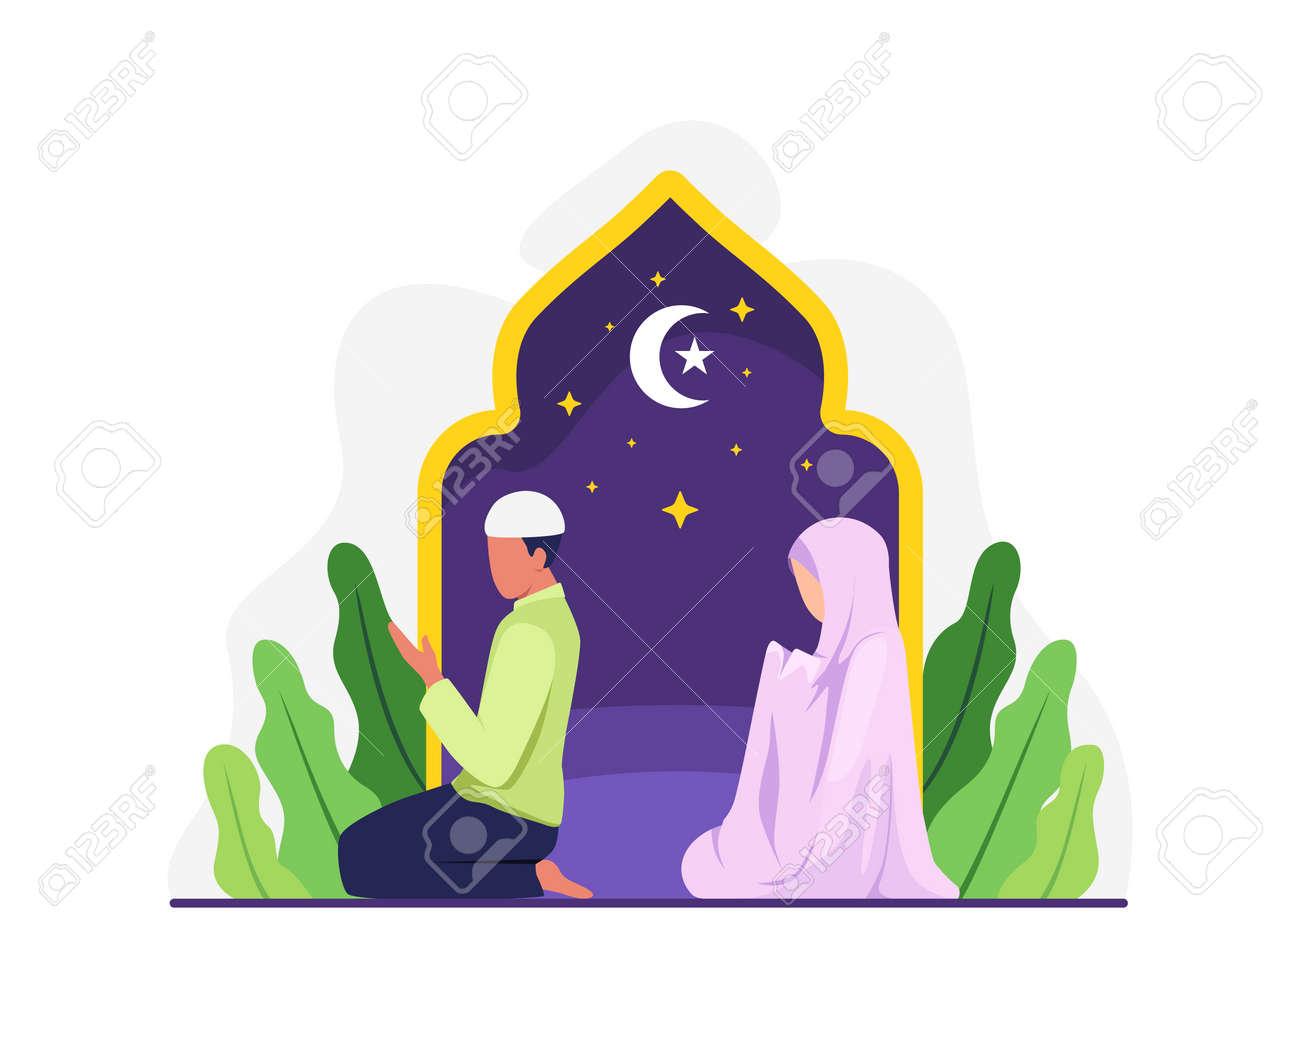 Muslim people tarawih prayer in congregation. Muslim Perform taraweeh prayer night during ramadan. Prayers in congregation at home. Vector in flat style - 168304457